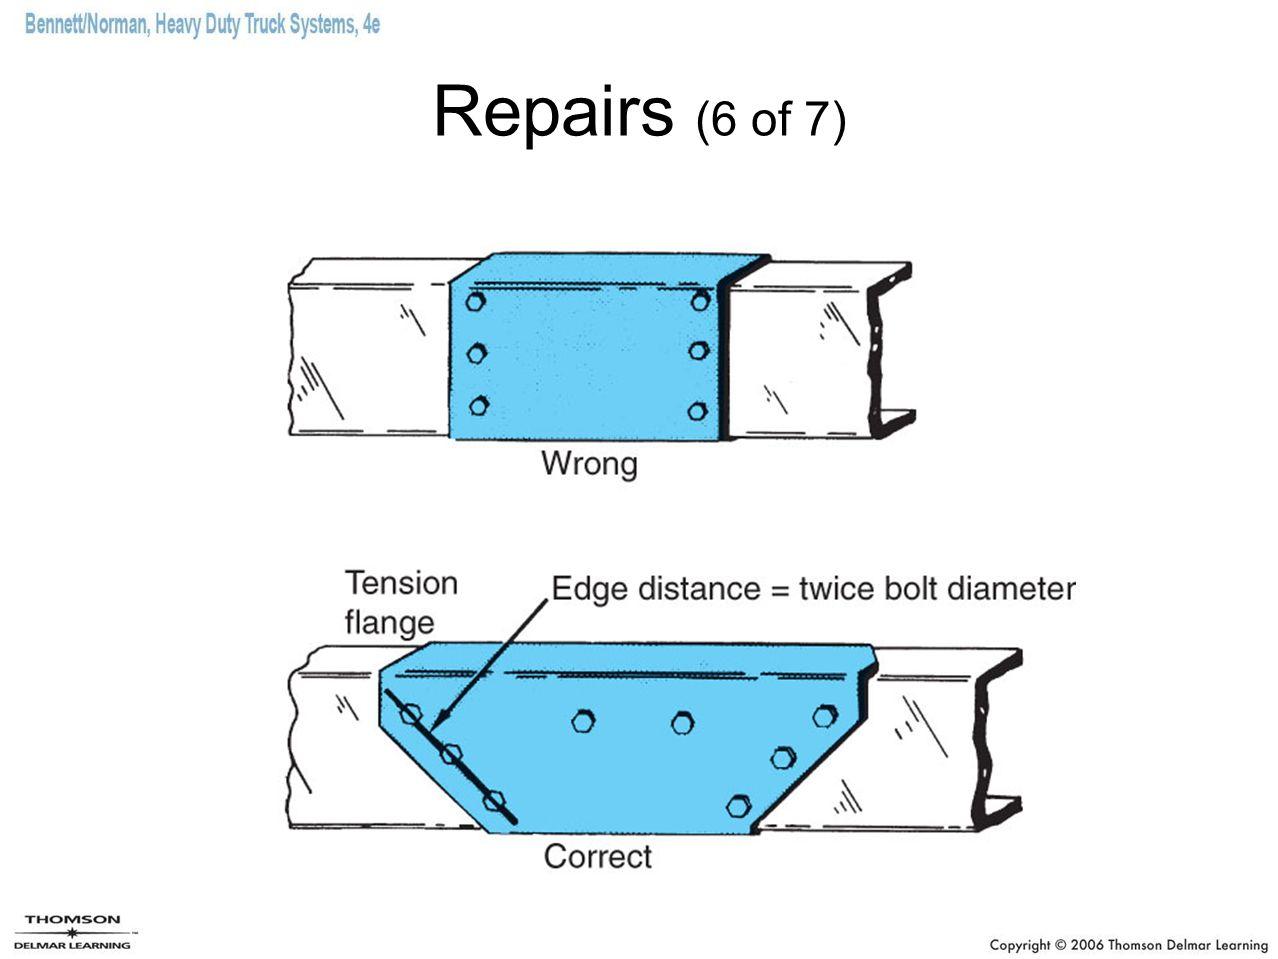 Repairs (6 of 7)